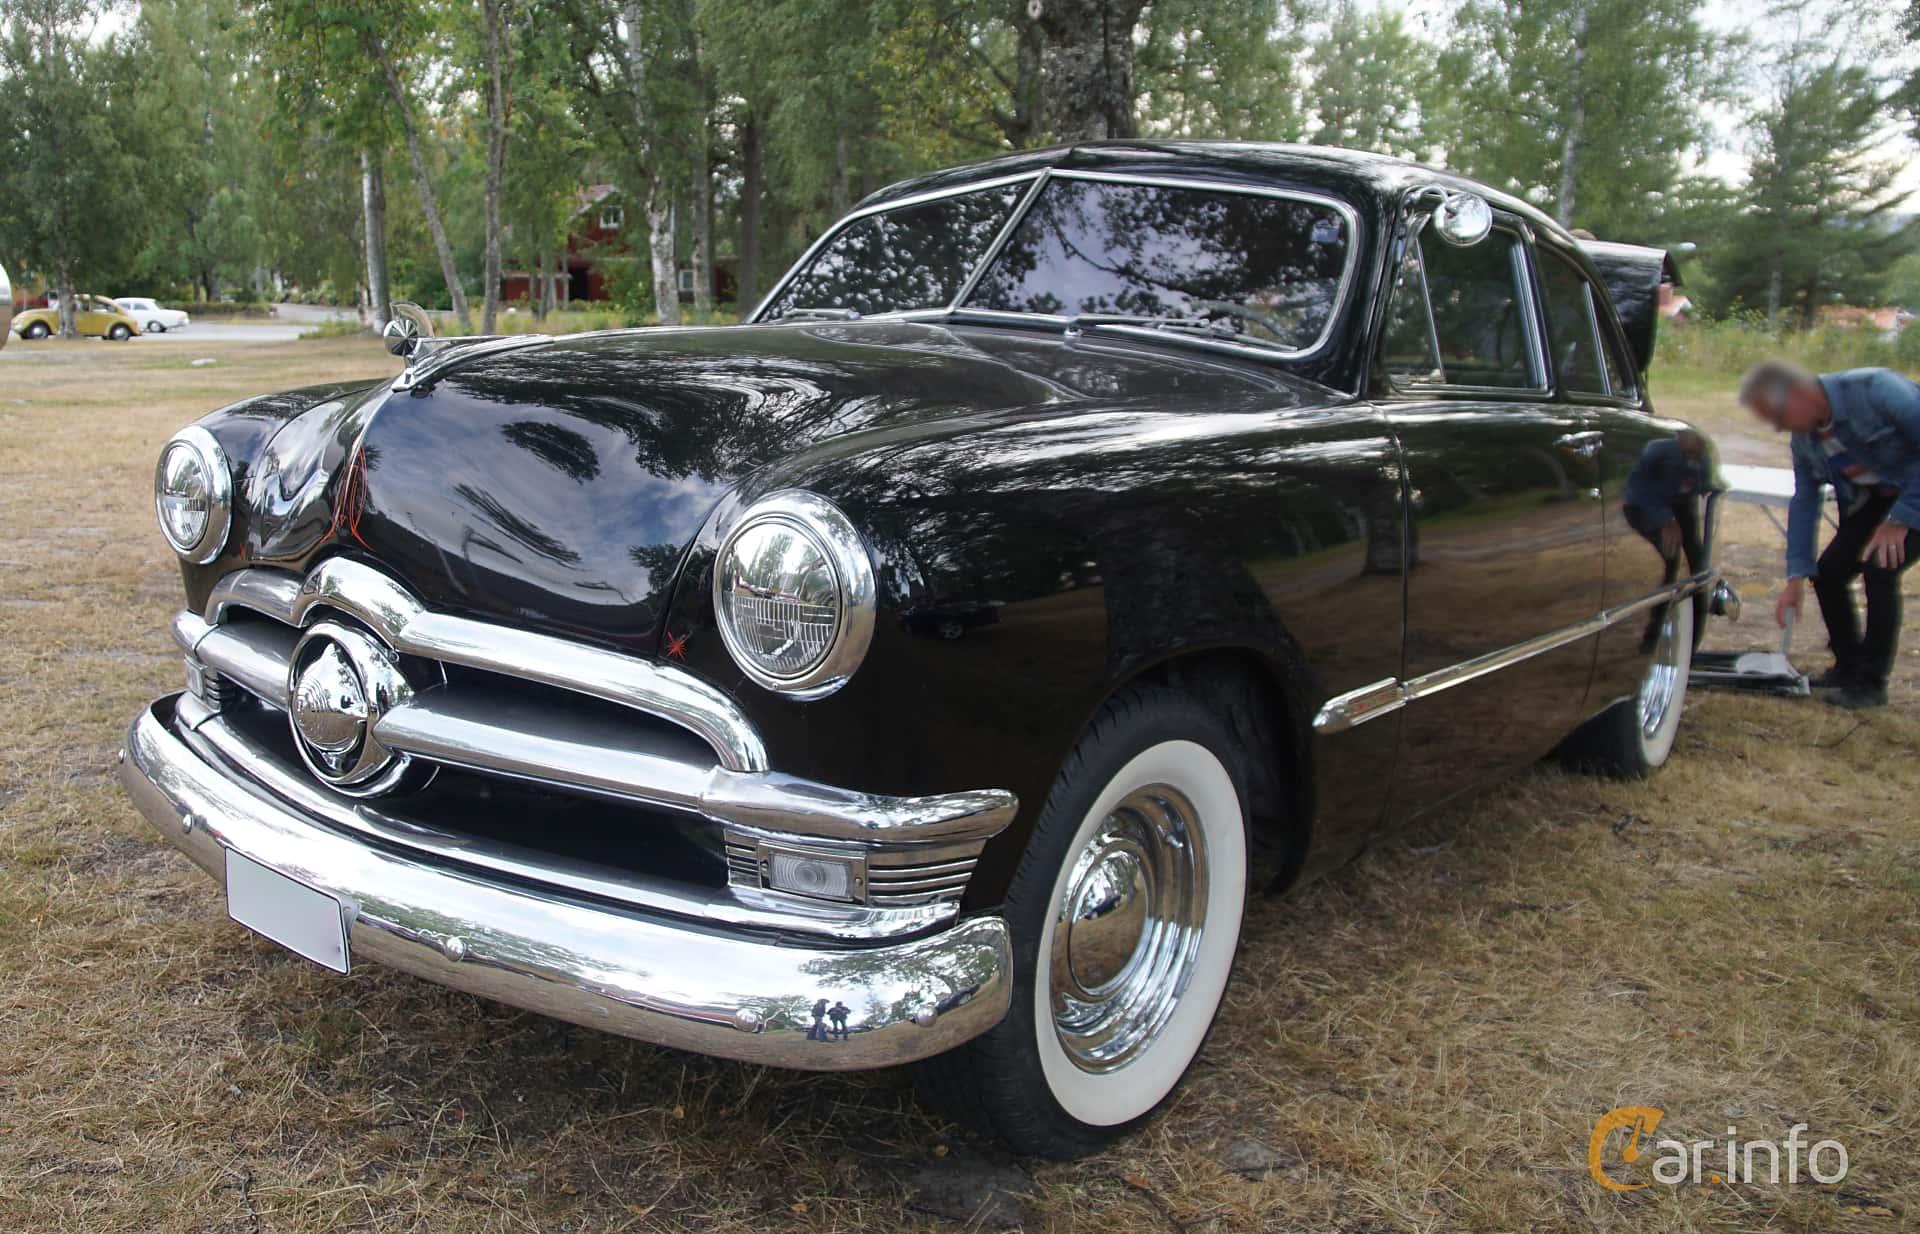 Ford Custom Deluxe Tudor Sedan 3.9 V8 Manual, 102hp, 1950 at Onsdagsträffar på Gammlia Umeå 2019 vecka 32